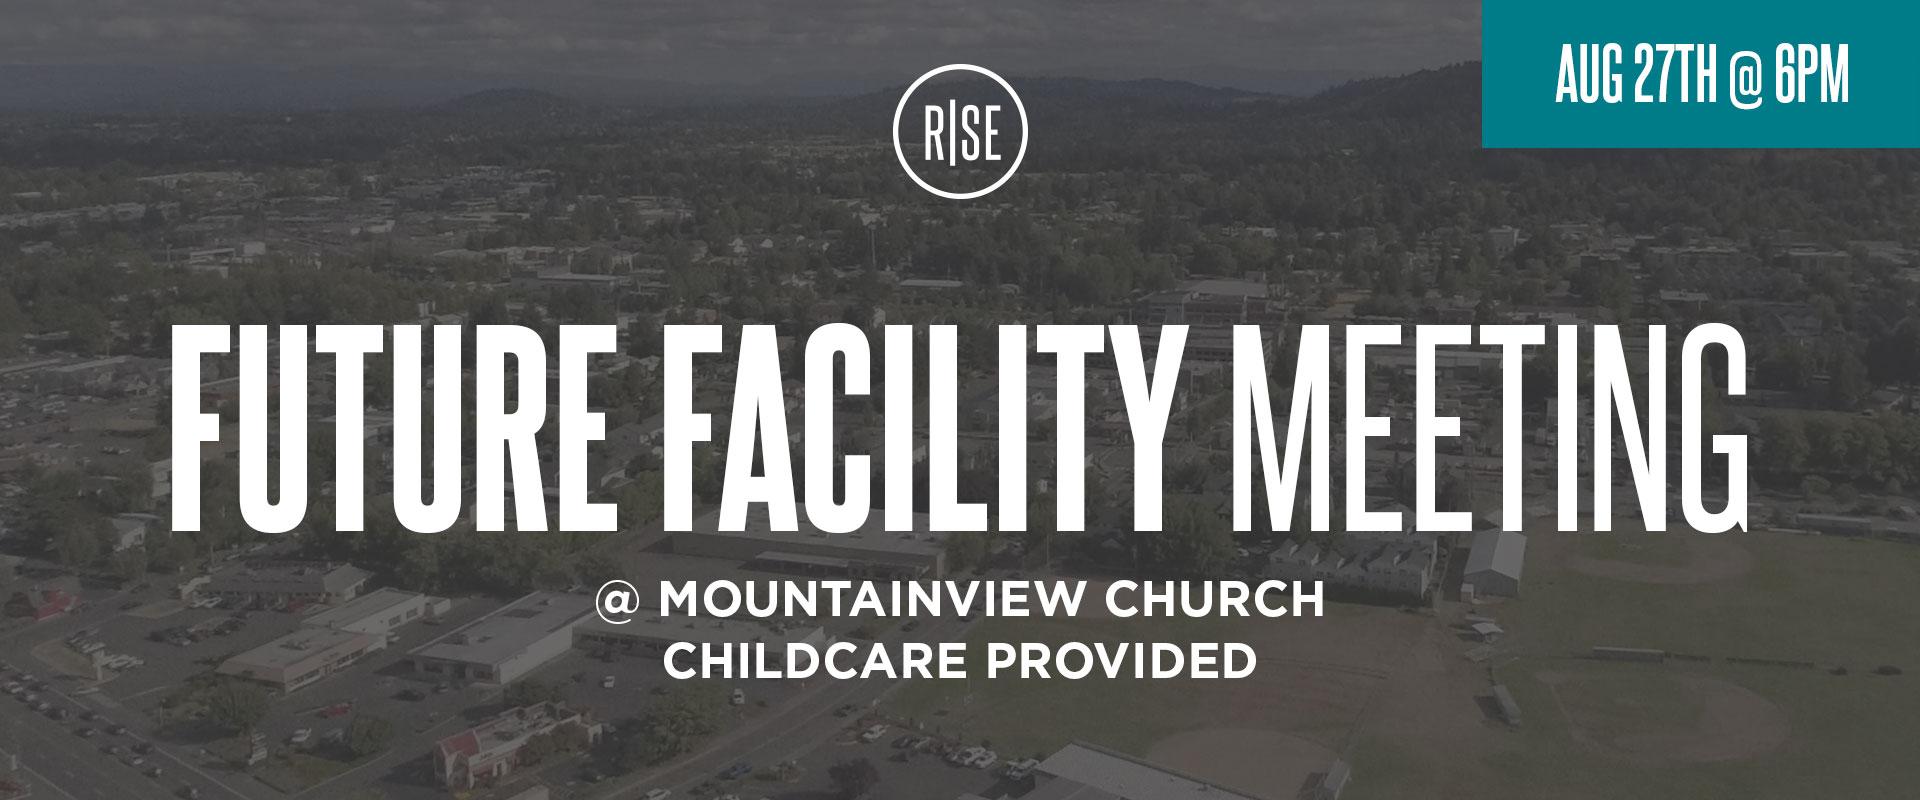 Future facility